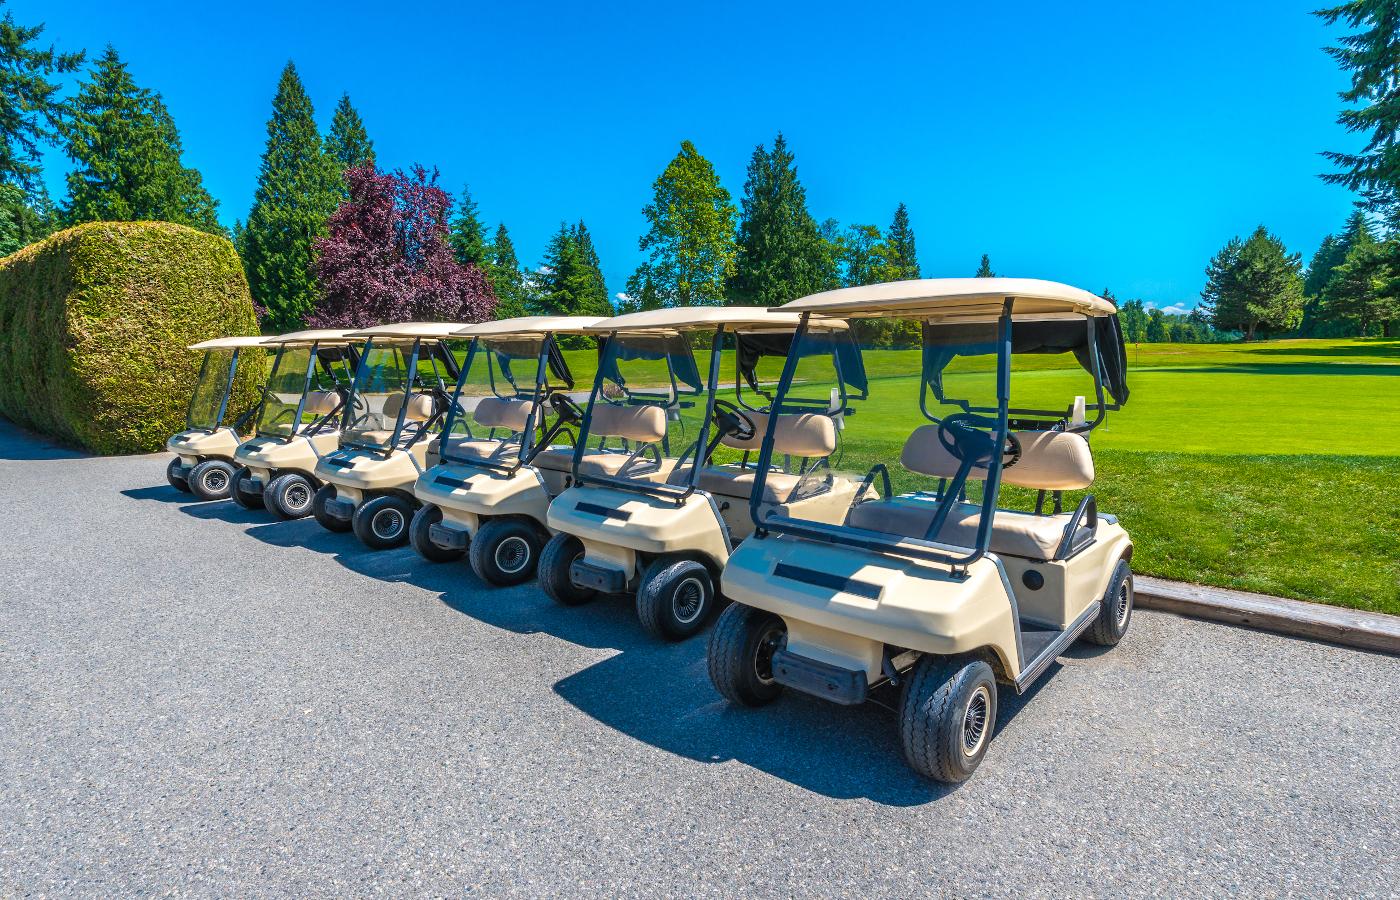 Golfreise im Westen Kanadas